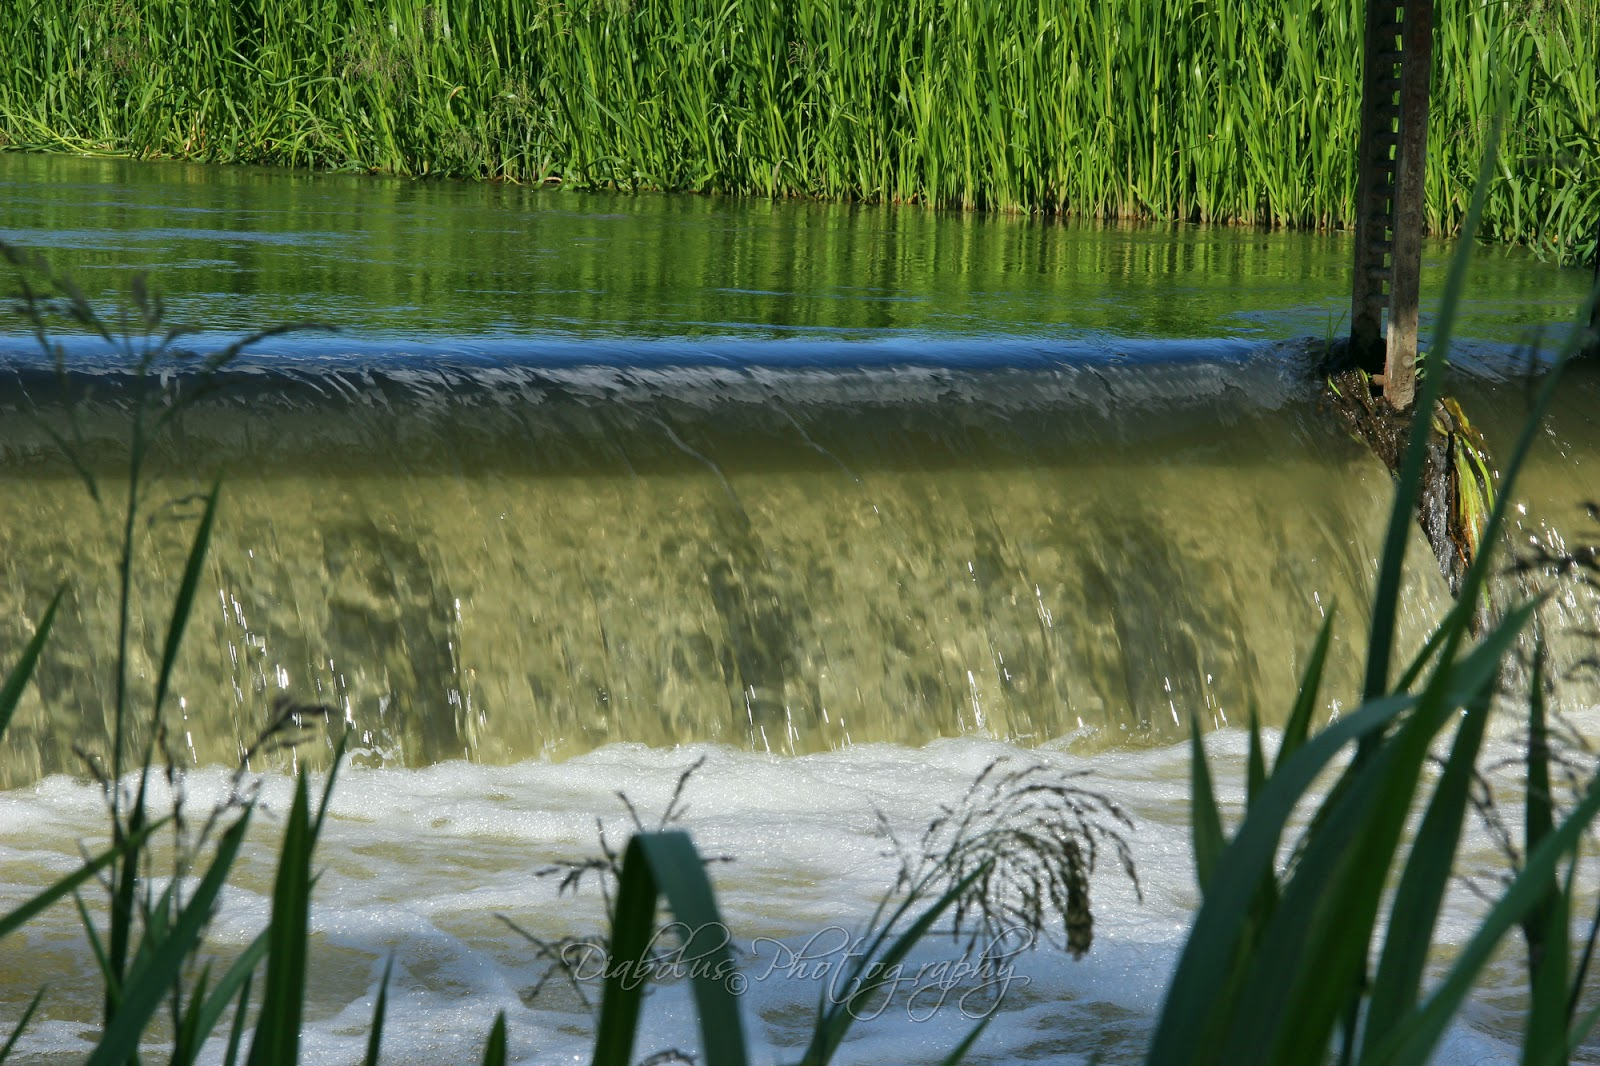 Jez na Chvojnici u Kátova/The Little Weir near by Kátov